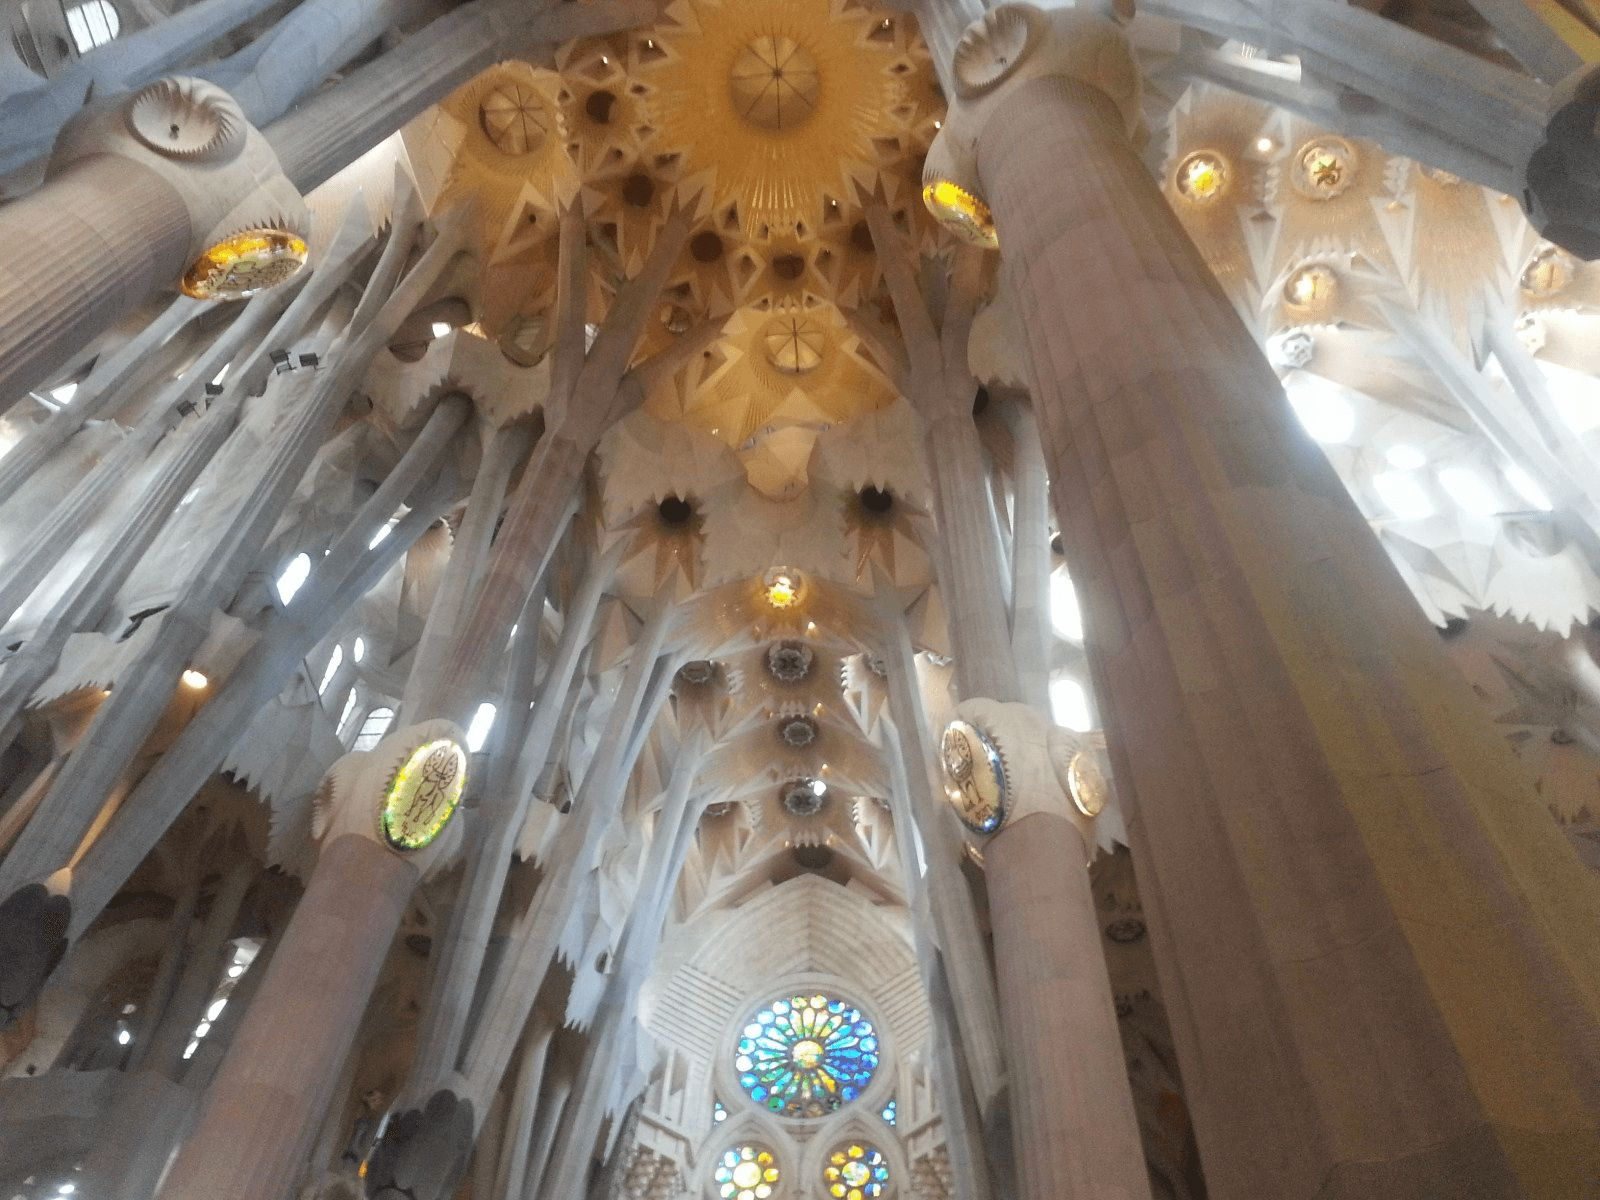 Španjolska i Rim: Barcelona: Sagrada Familia